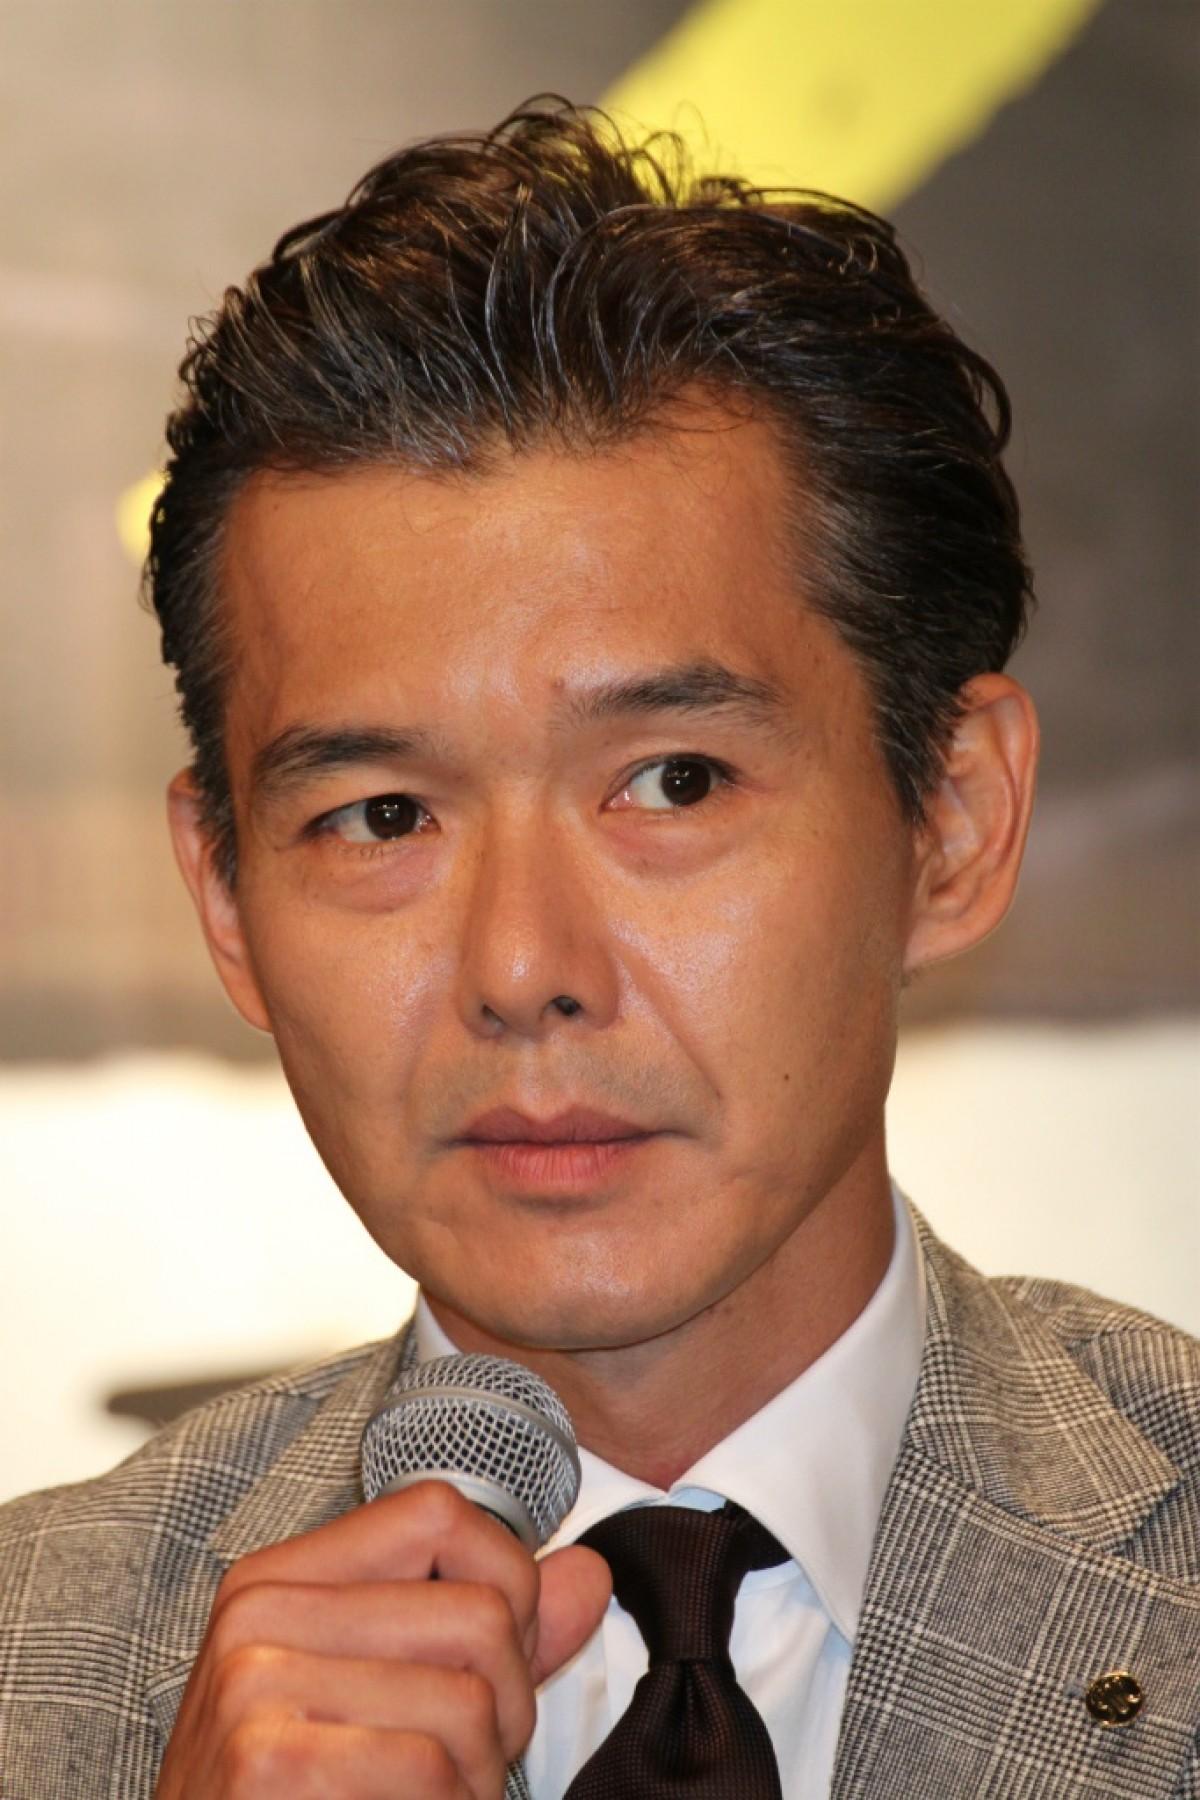 渡部篤郎のオールバックヘア